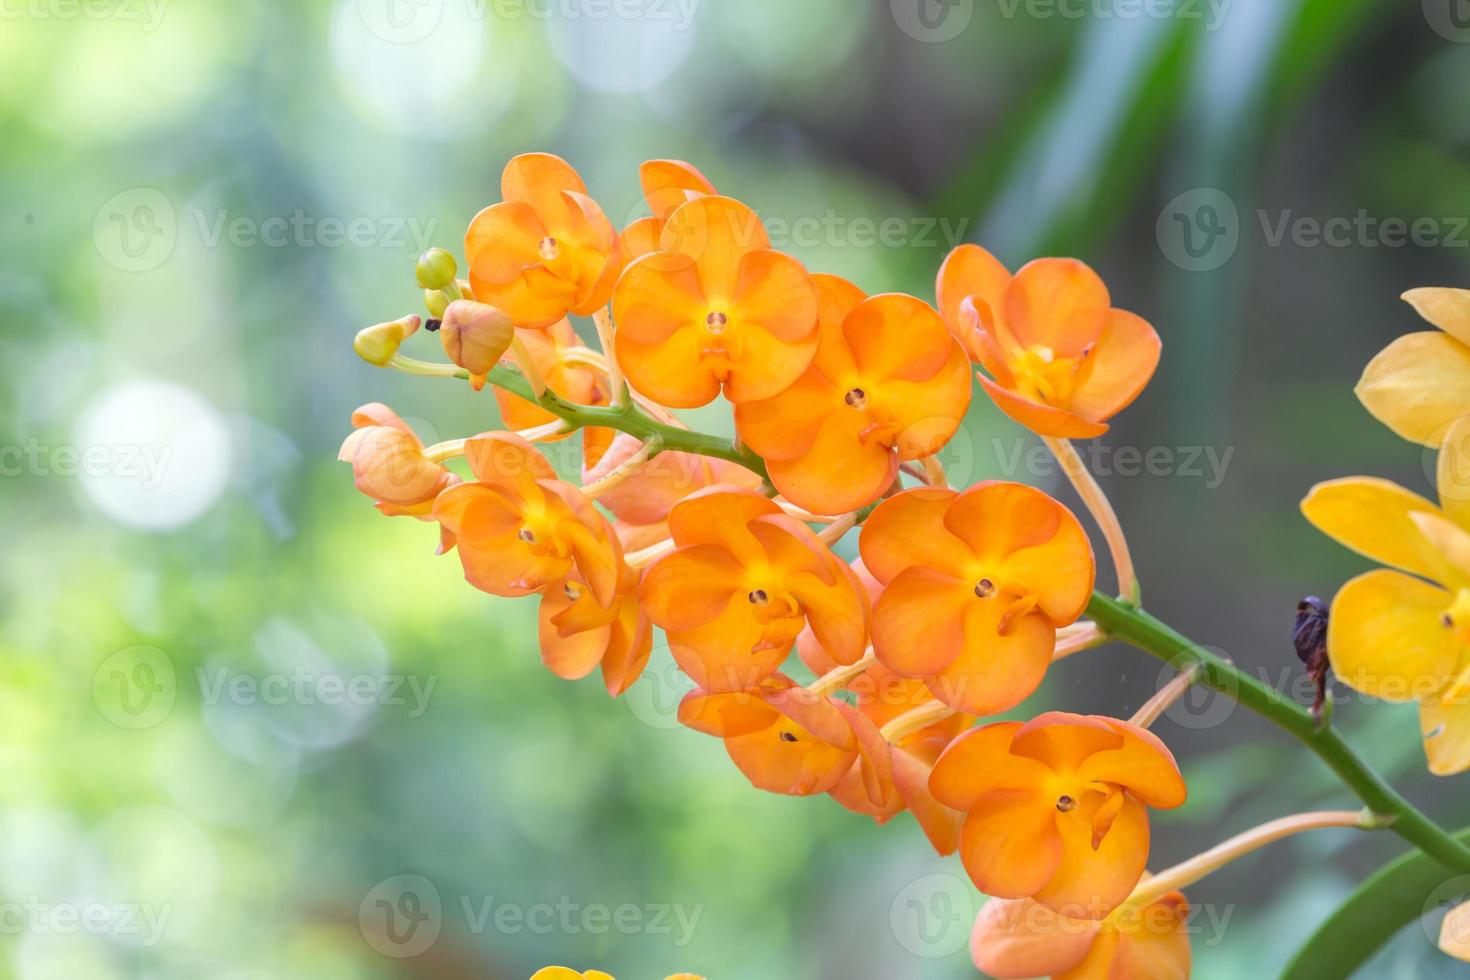 herbergt rosea orchidee, rhynchostylis coelestis de wilde orchidee in thailand foto